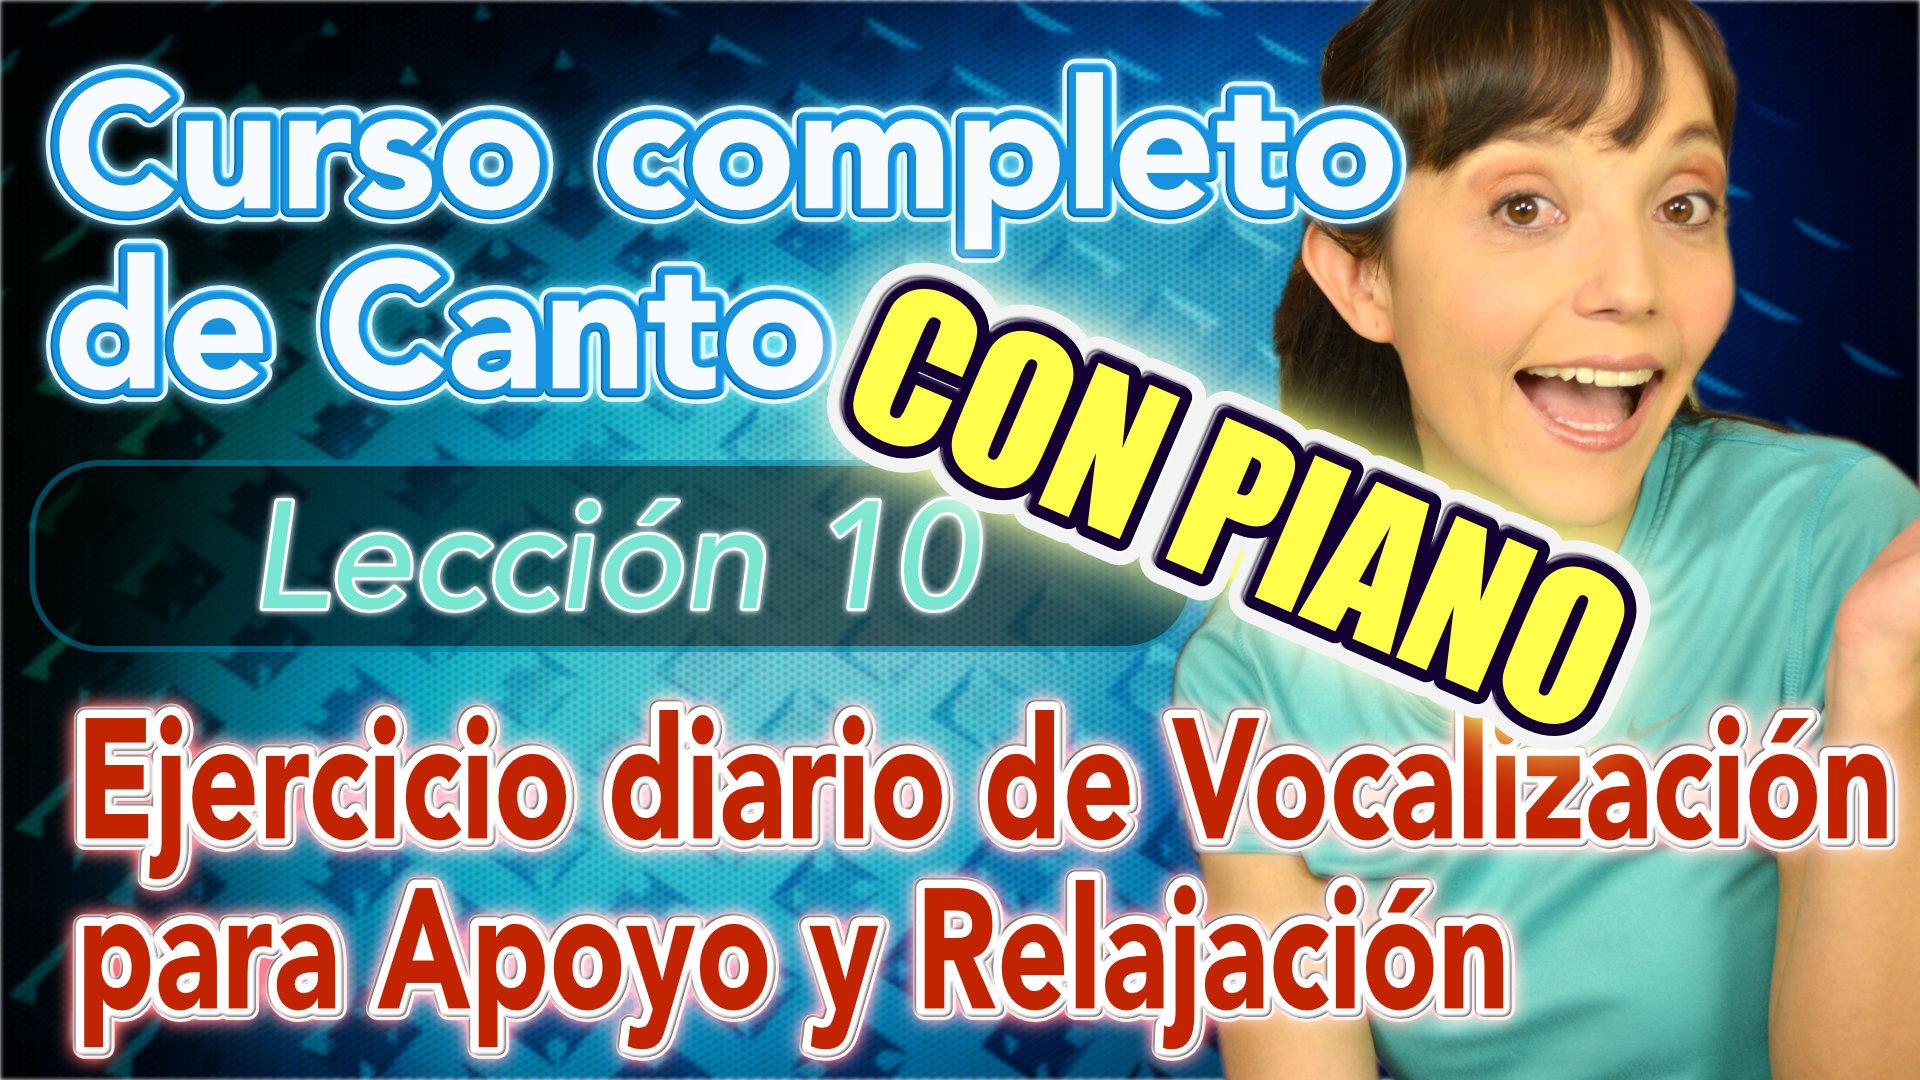 Clases de CANTO: Lección 10 – Como vocalizar, Ejercicios de Relajación y Apoyo